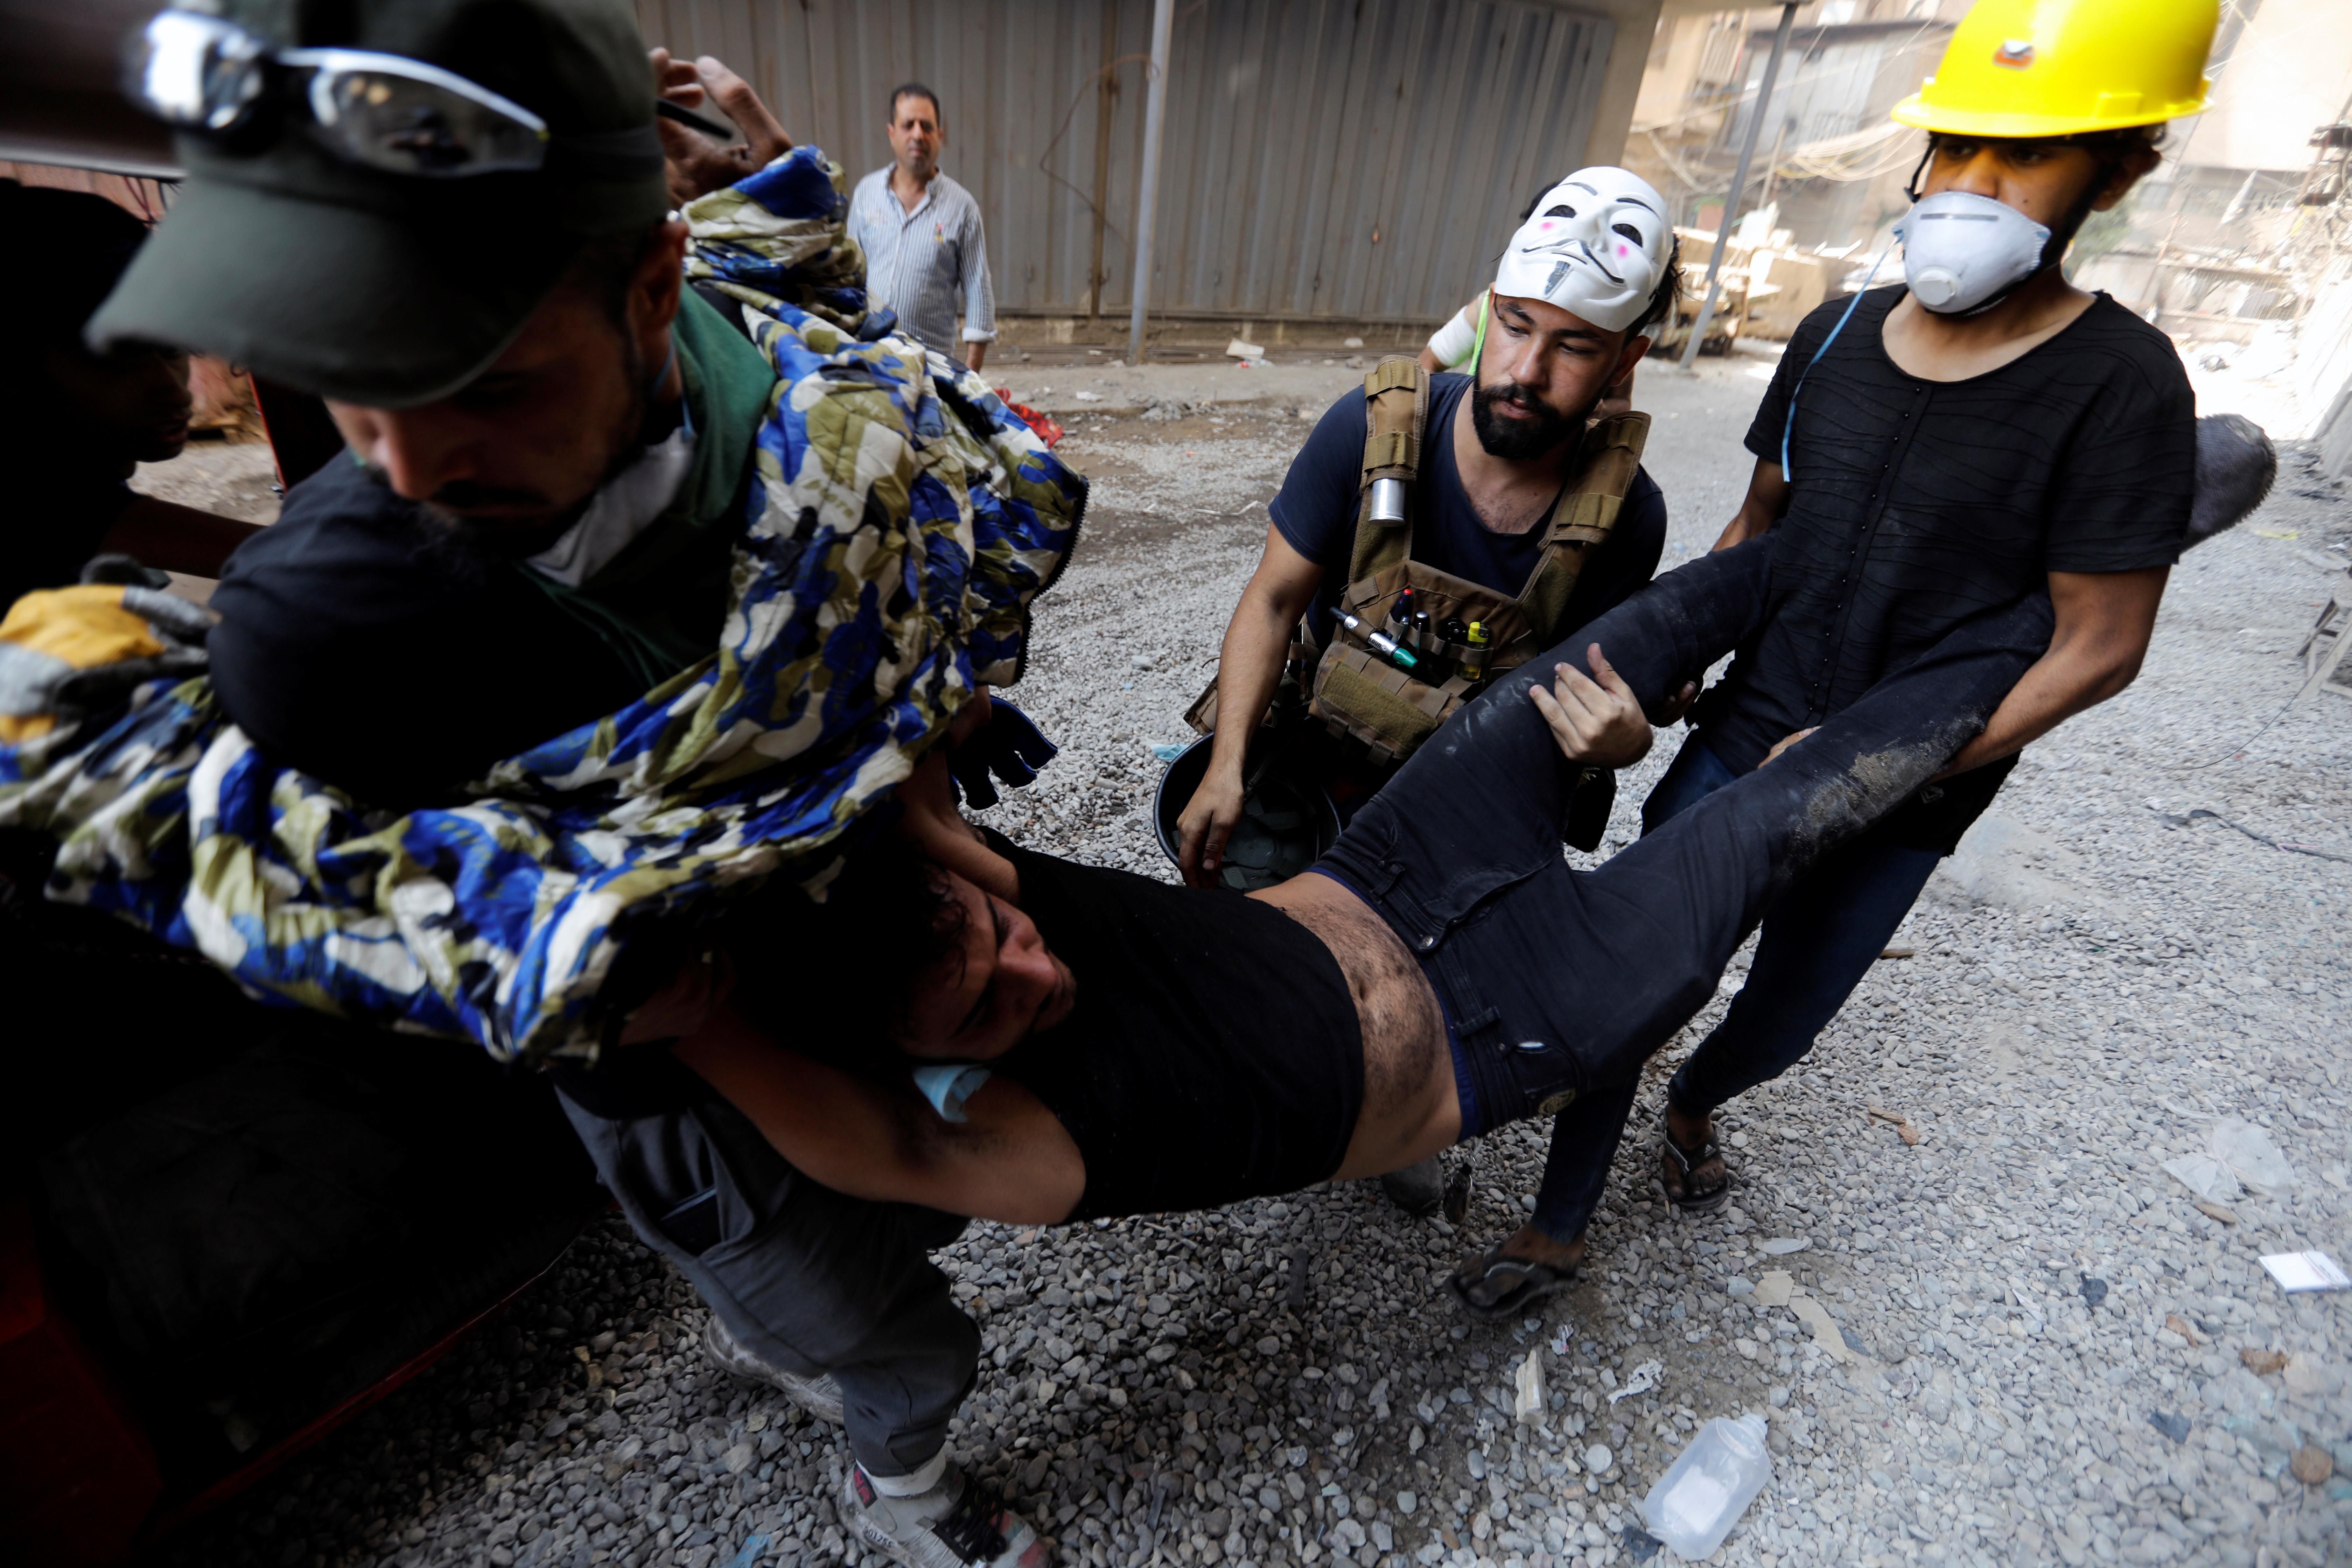 متظاهرون يساعدون أحد المصابين خلال الاحتجاجات المستمرة في بغداد